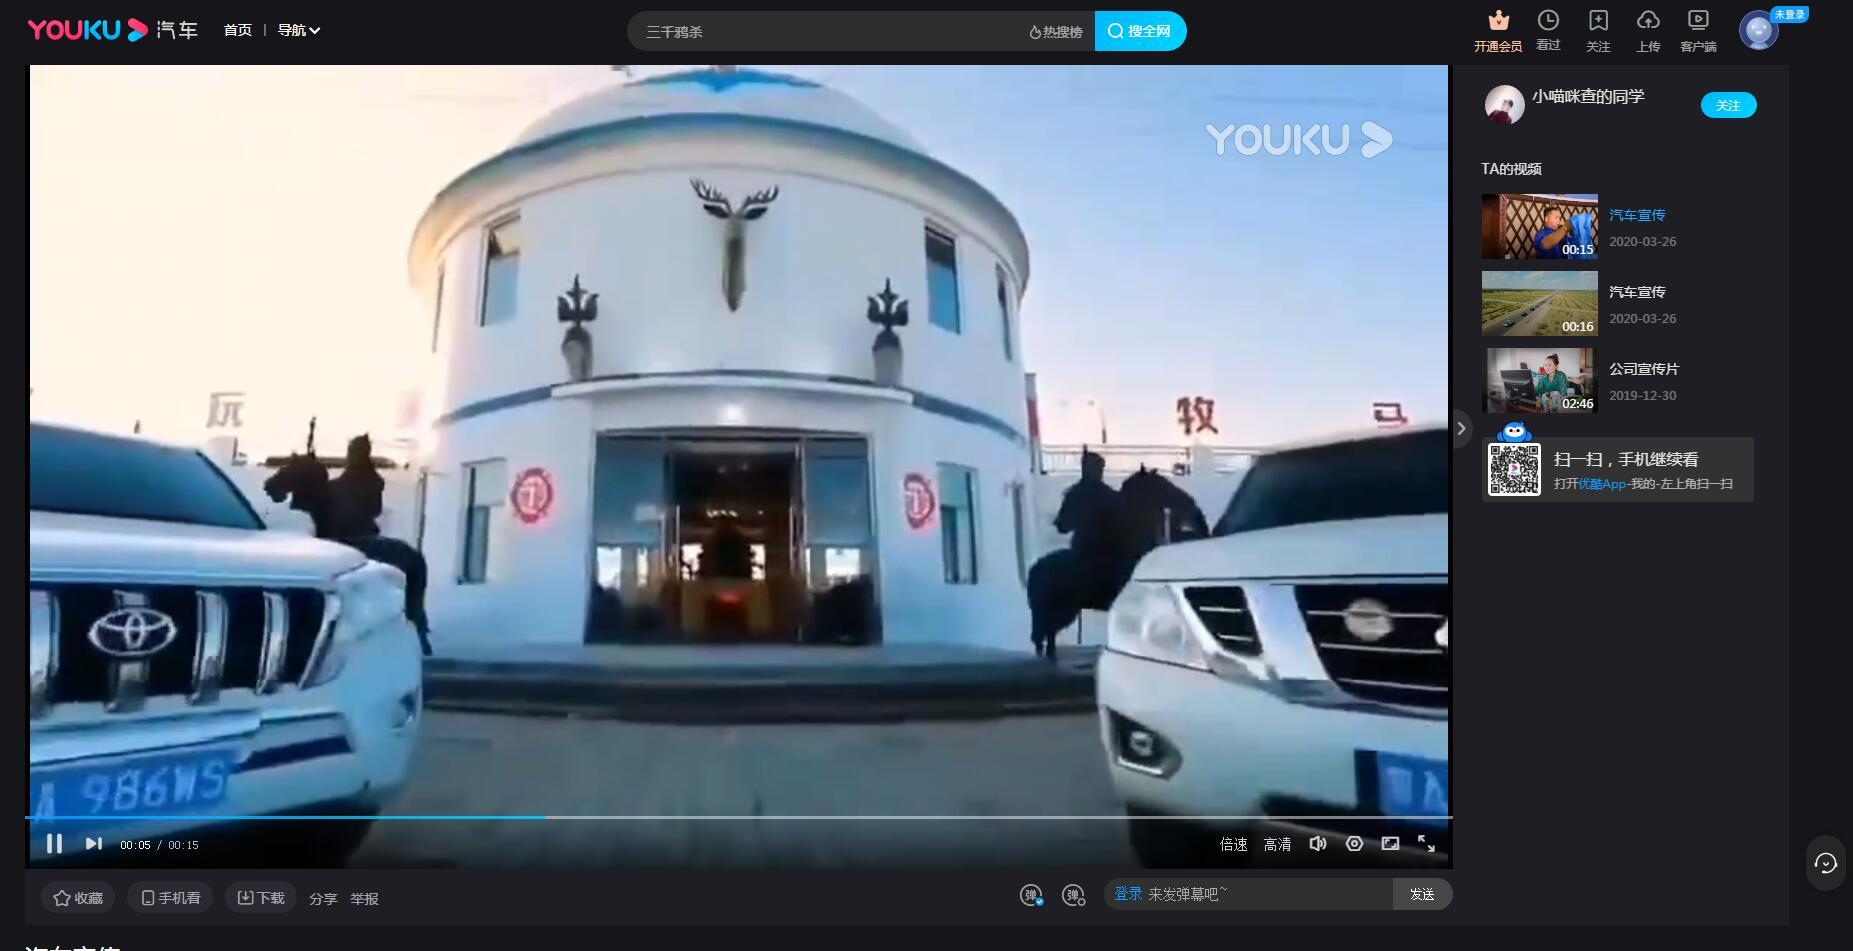 内蒙古逸华国信汽车服务有限公司